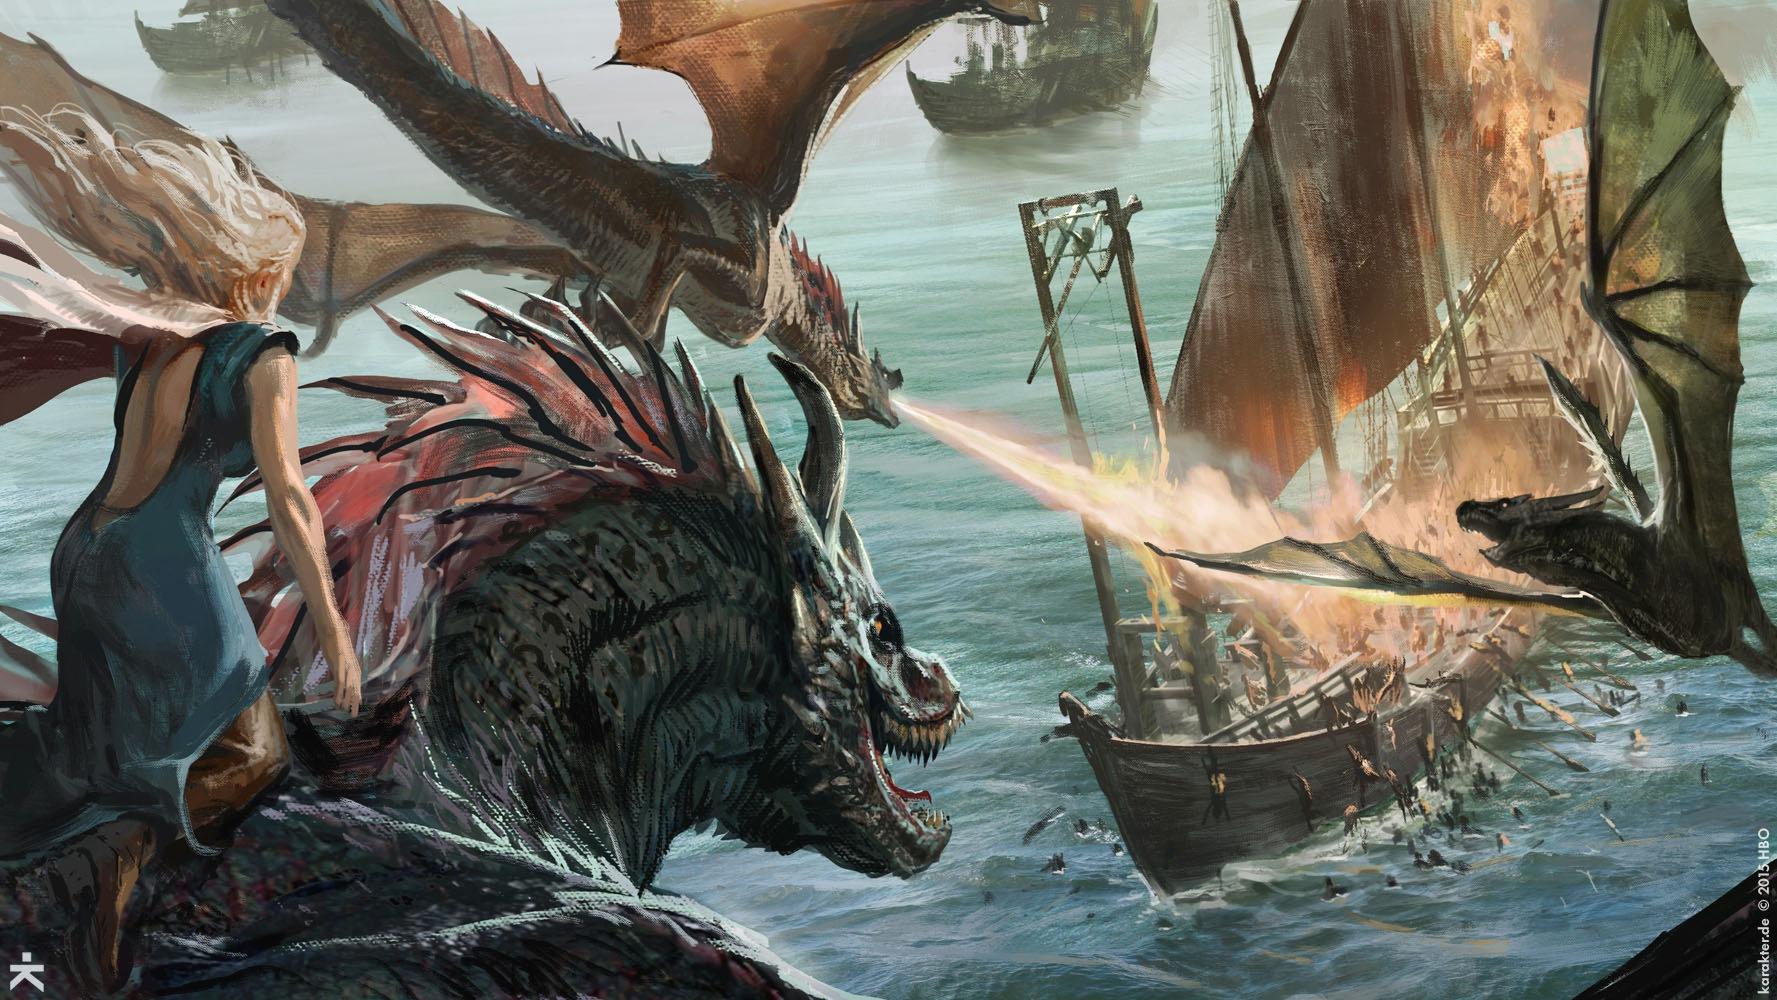 La Batalla de Meereen Temporada 6 - 30 imágenes de Concept Art de Juego de Tronos Sorprendentes